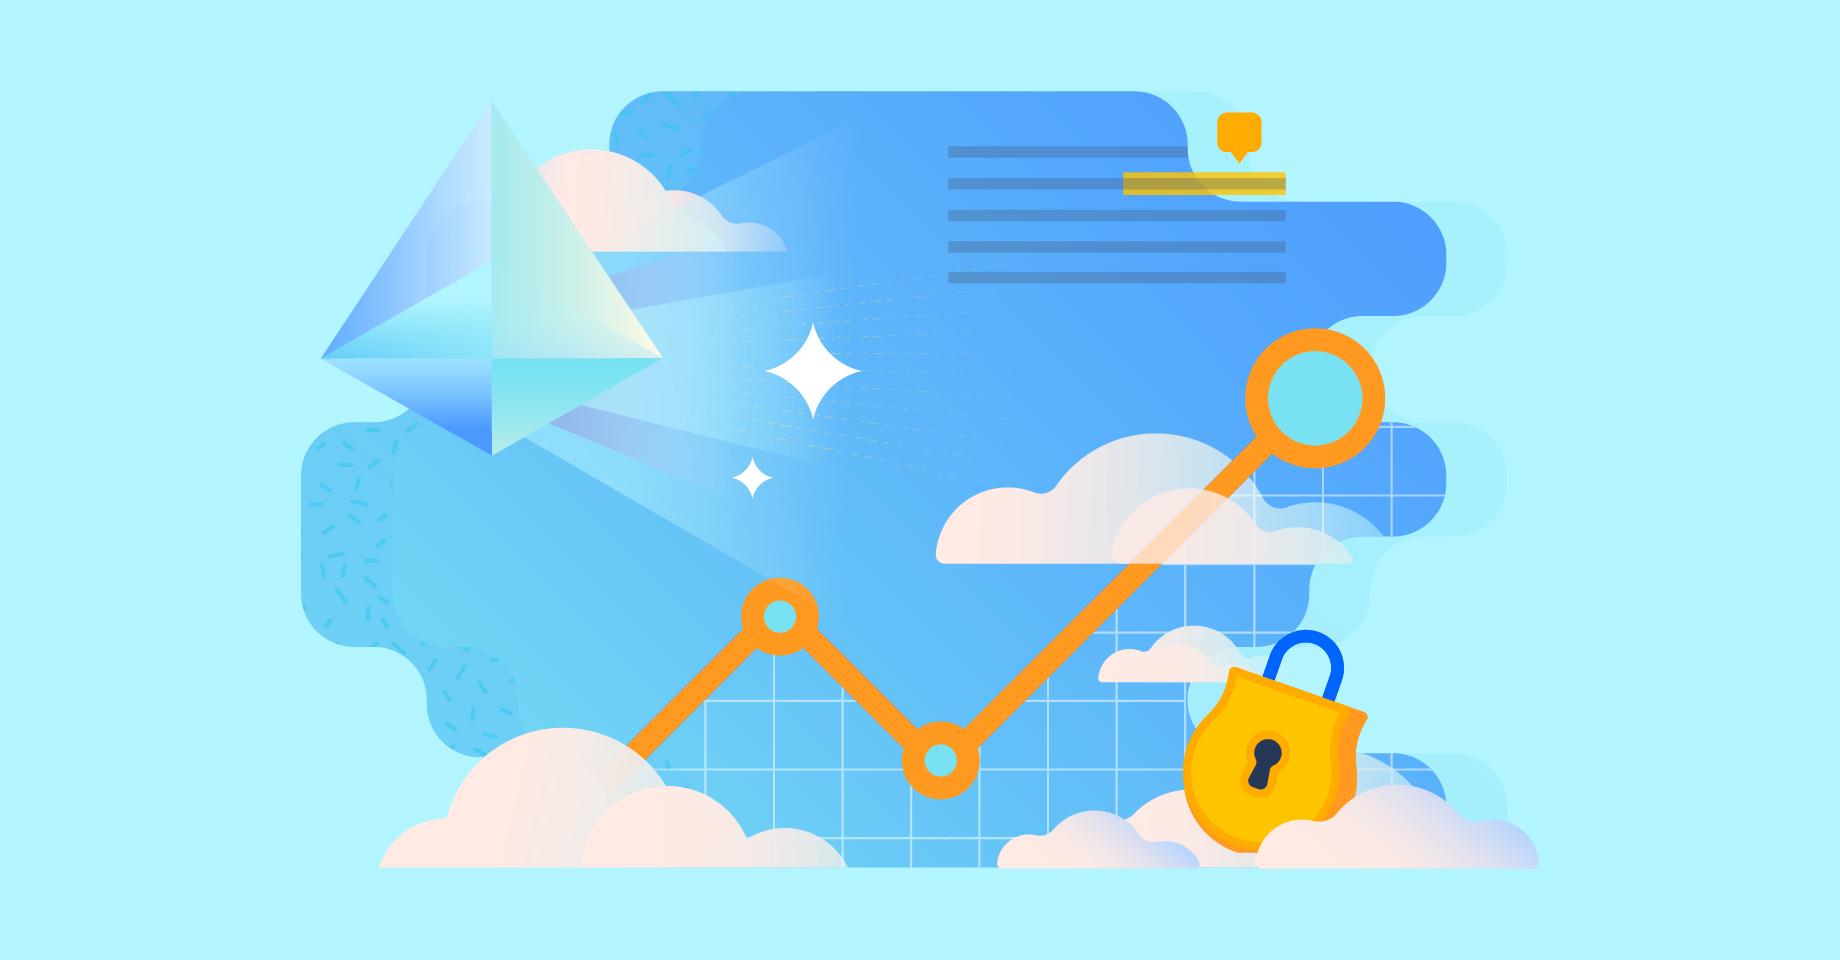 Az Atlassian Premium illusztrációja